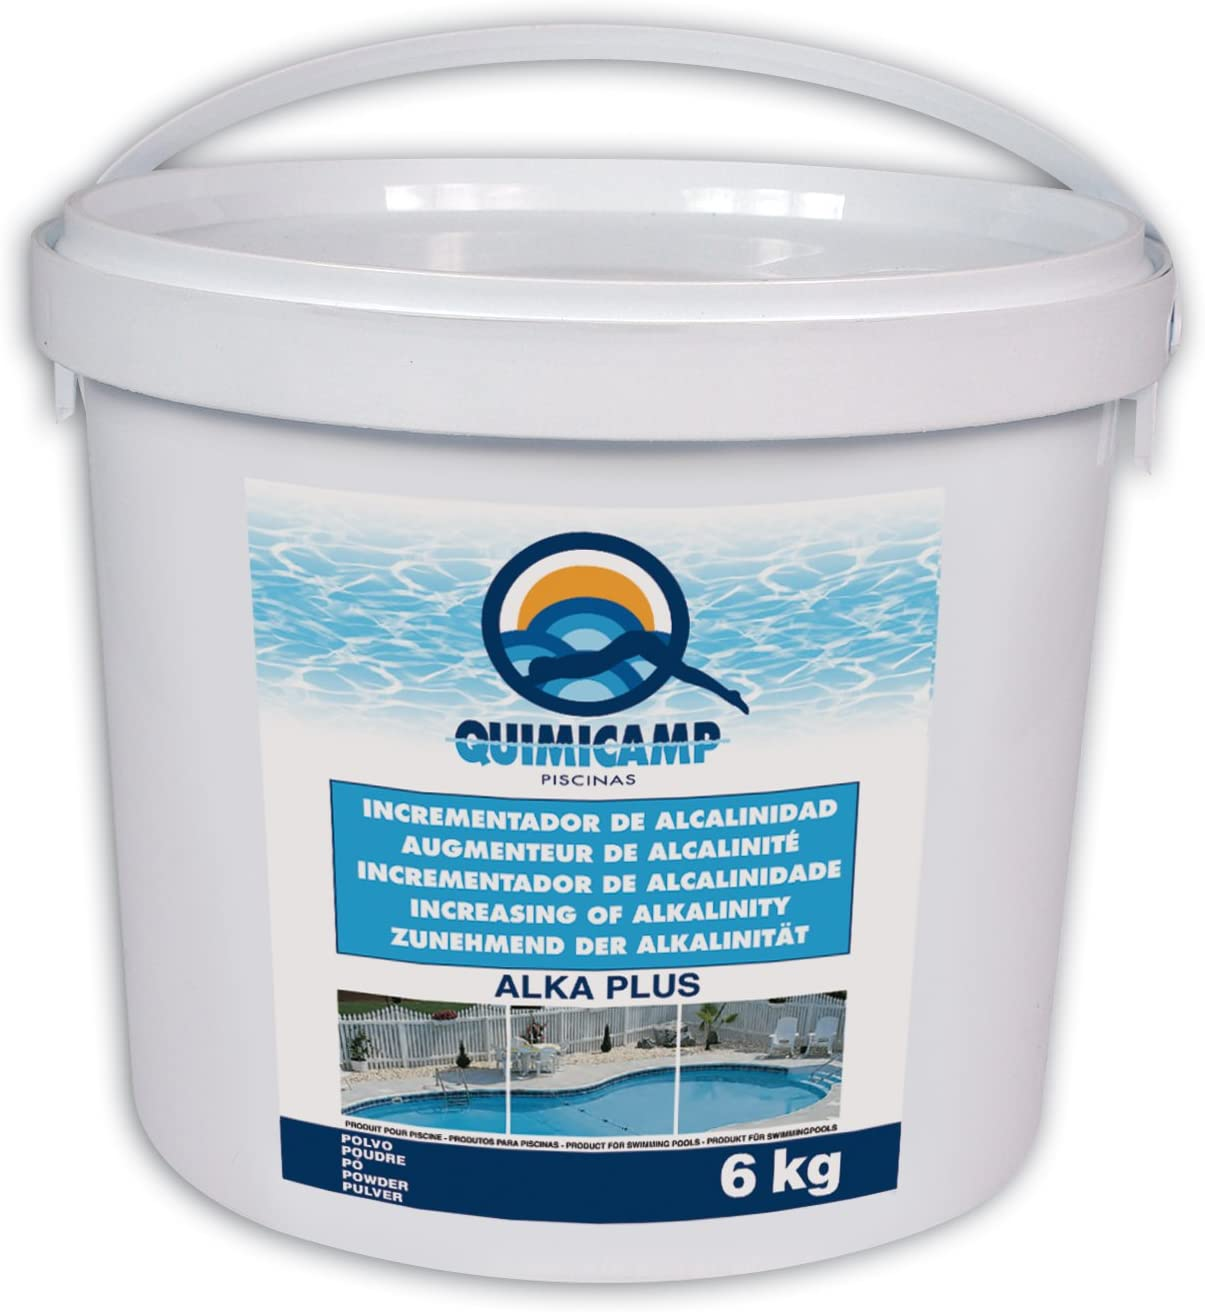 Quimicamp Alka plus (Anti-cal para piscina) 6 Kg - 203306